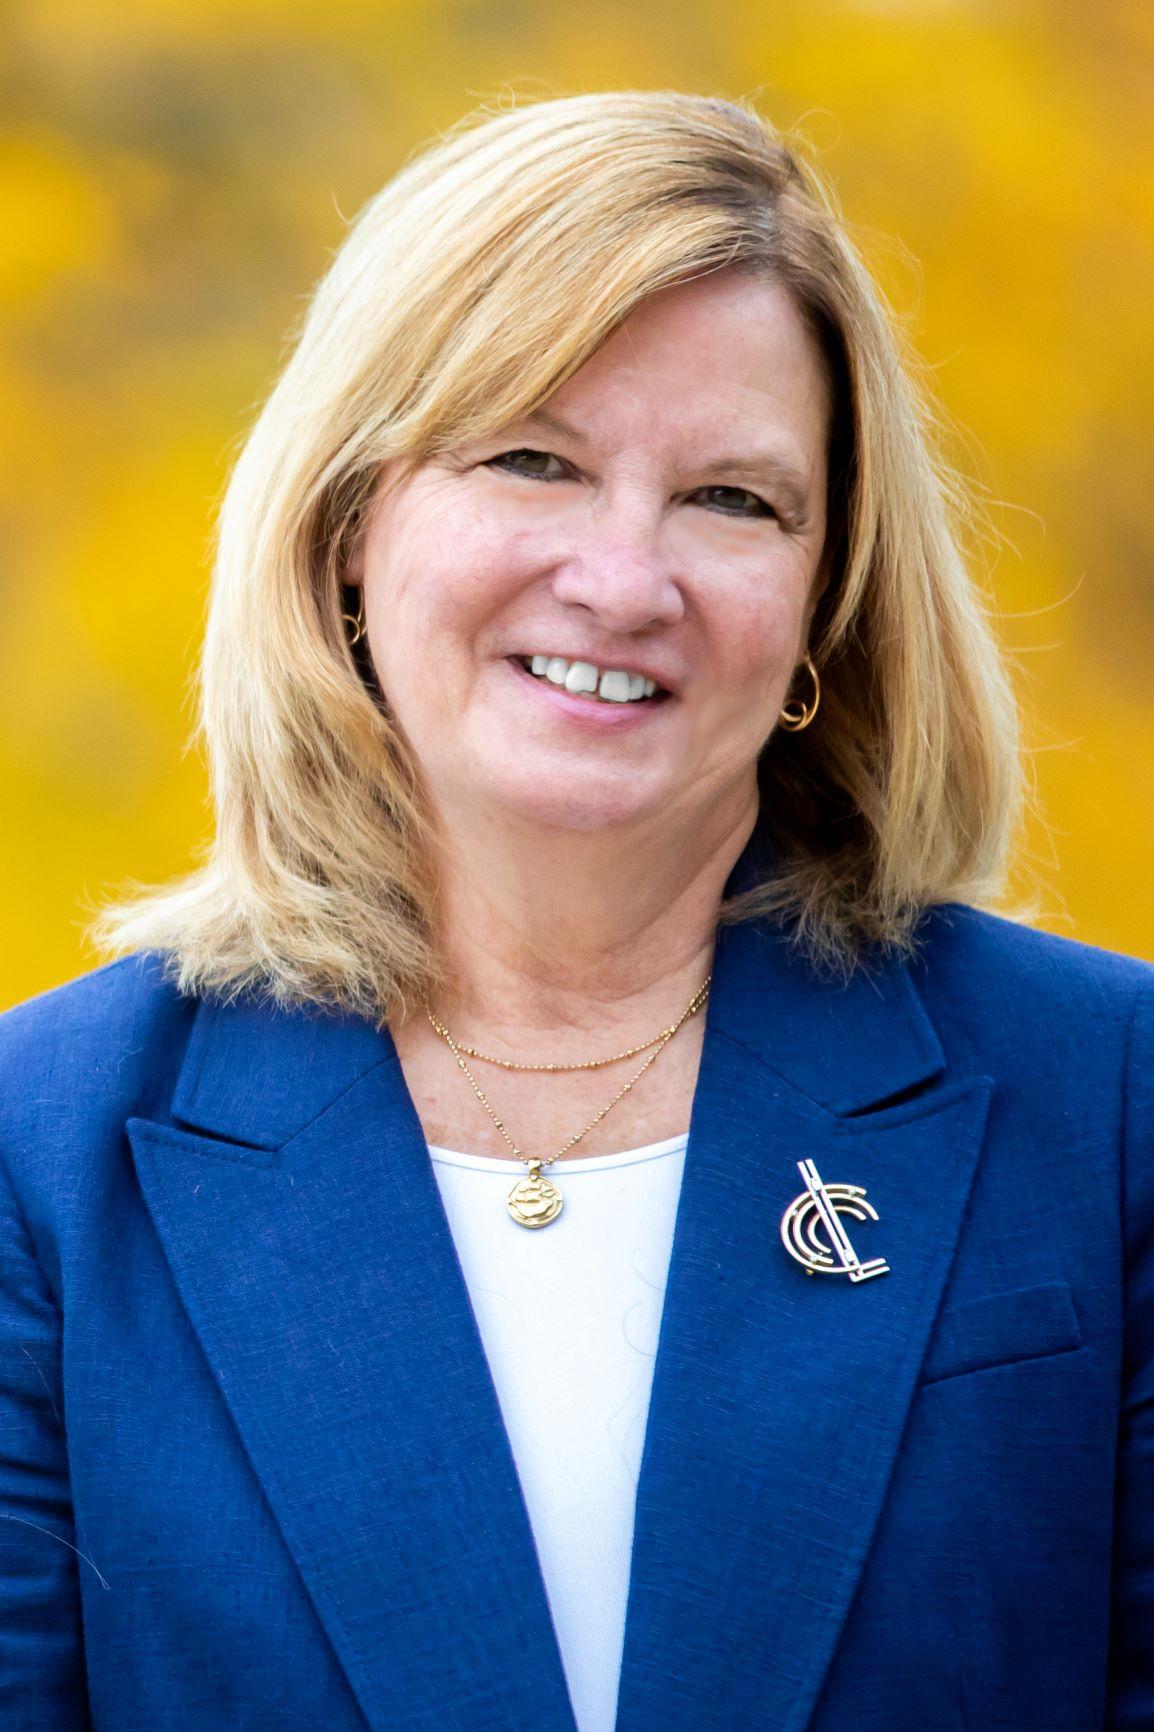 LCCC President Dr. Marcia J. Ballinger